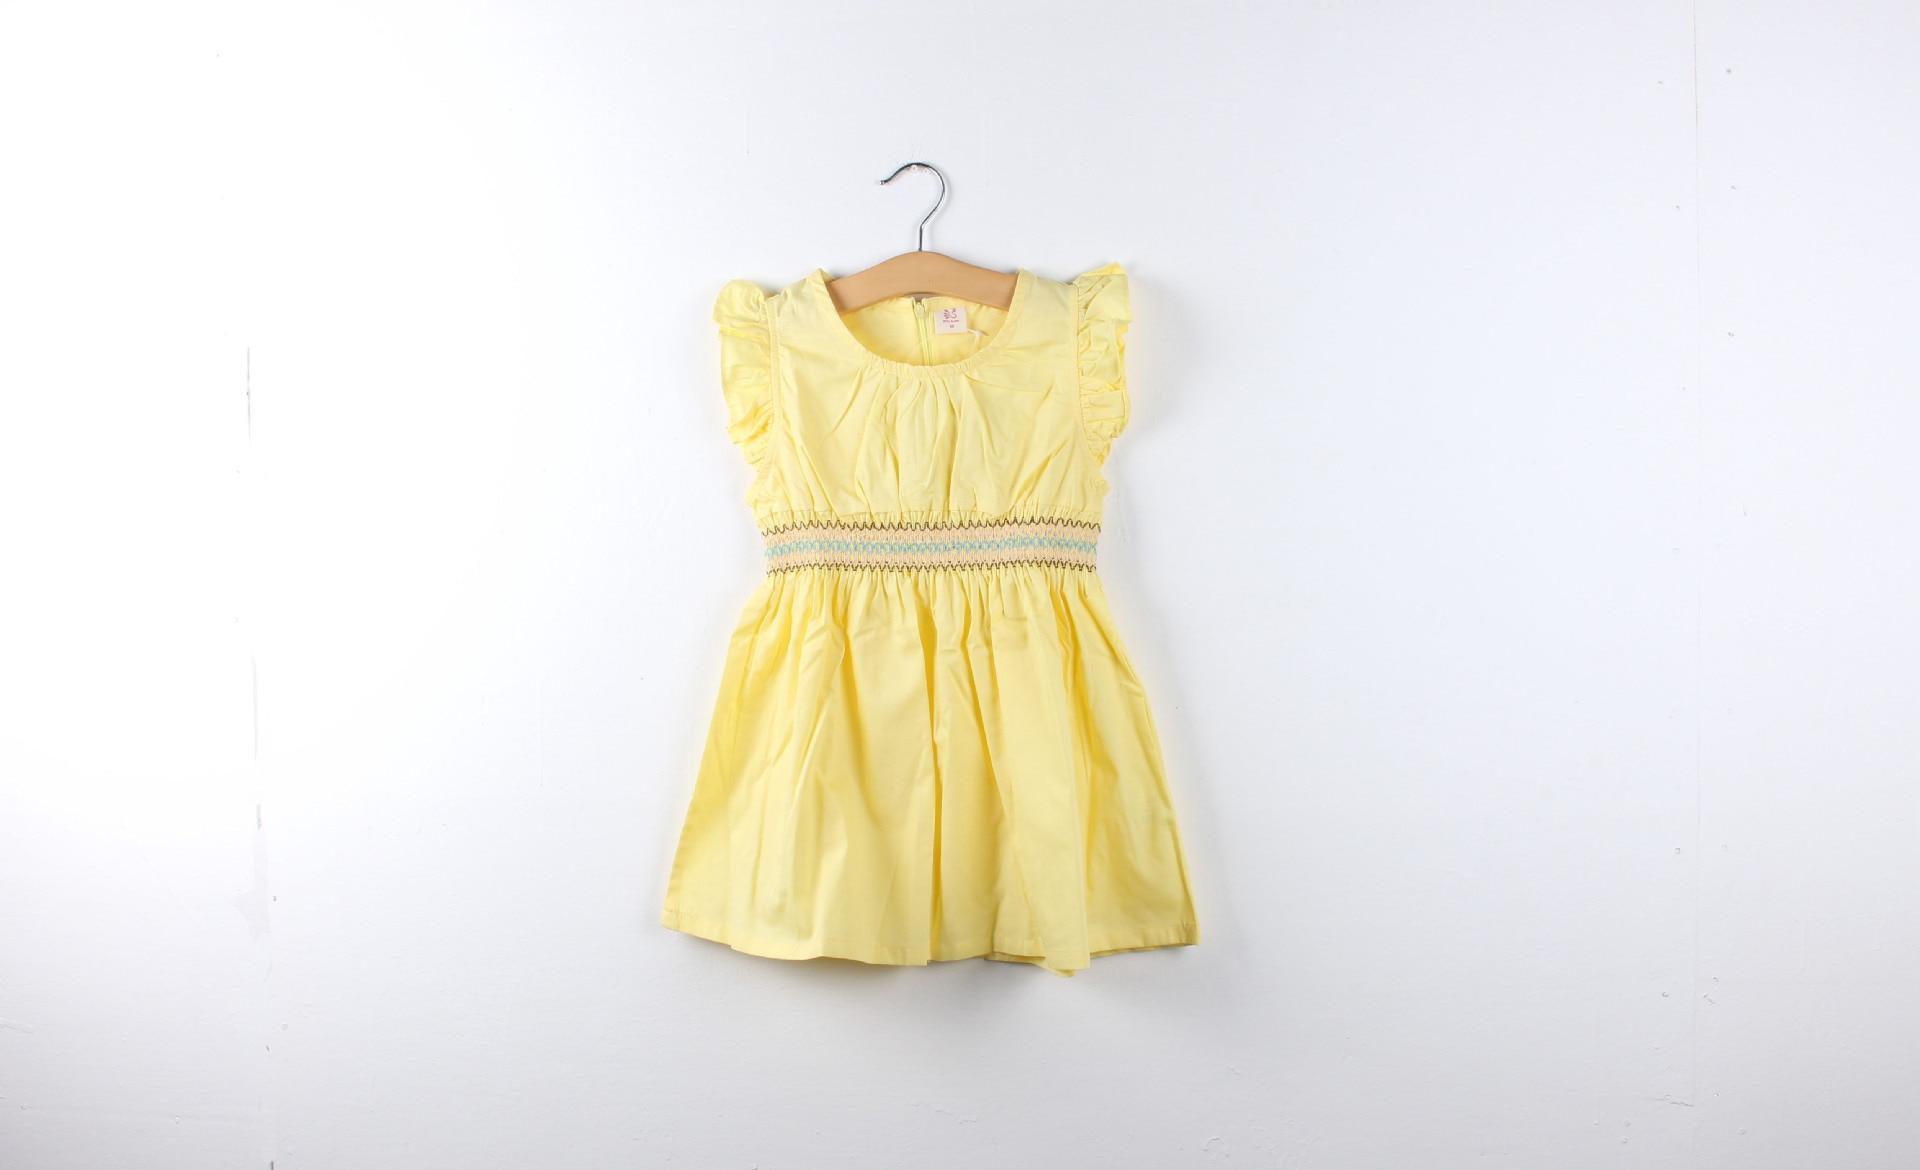 3p132 Baby Girls Dress kids dresses for girls party dresses girl